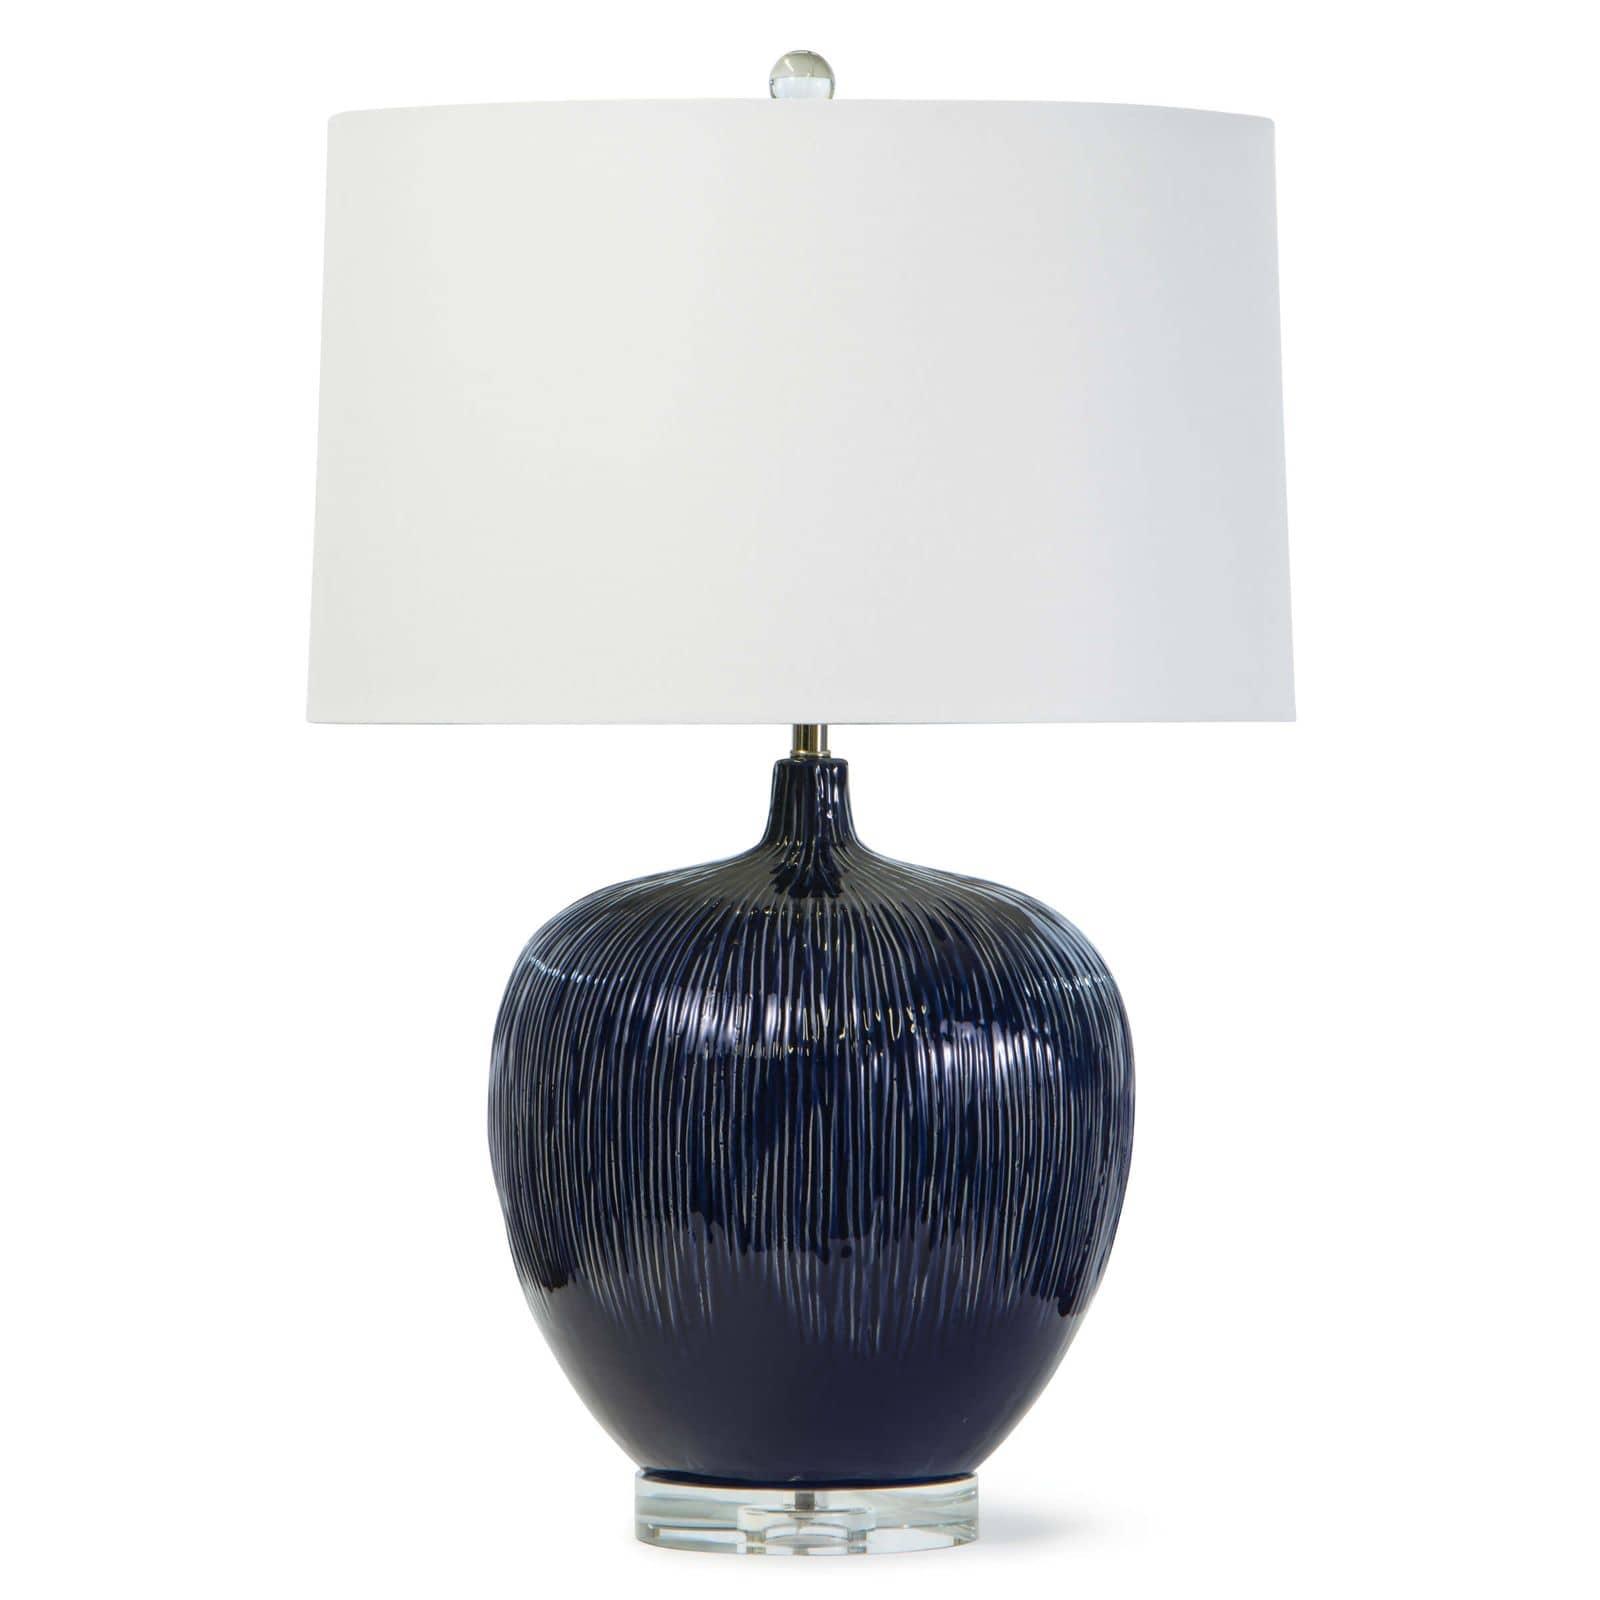 Wisteria Ceramic Table Lamp | Regina Andrew